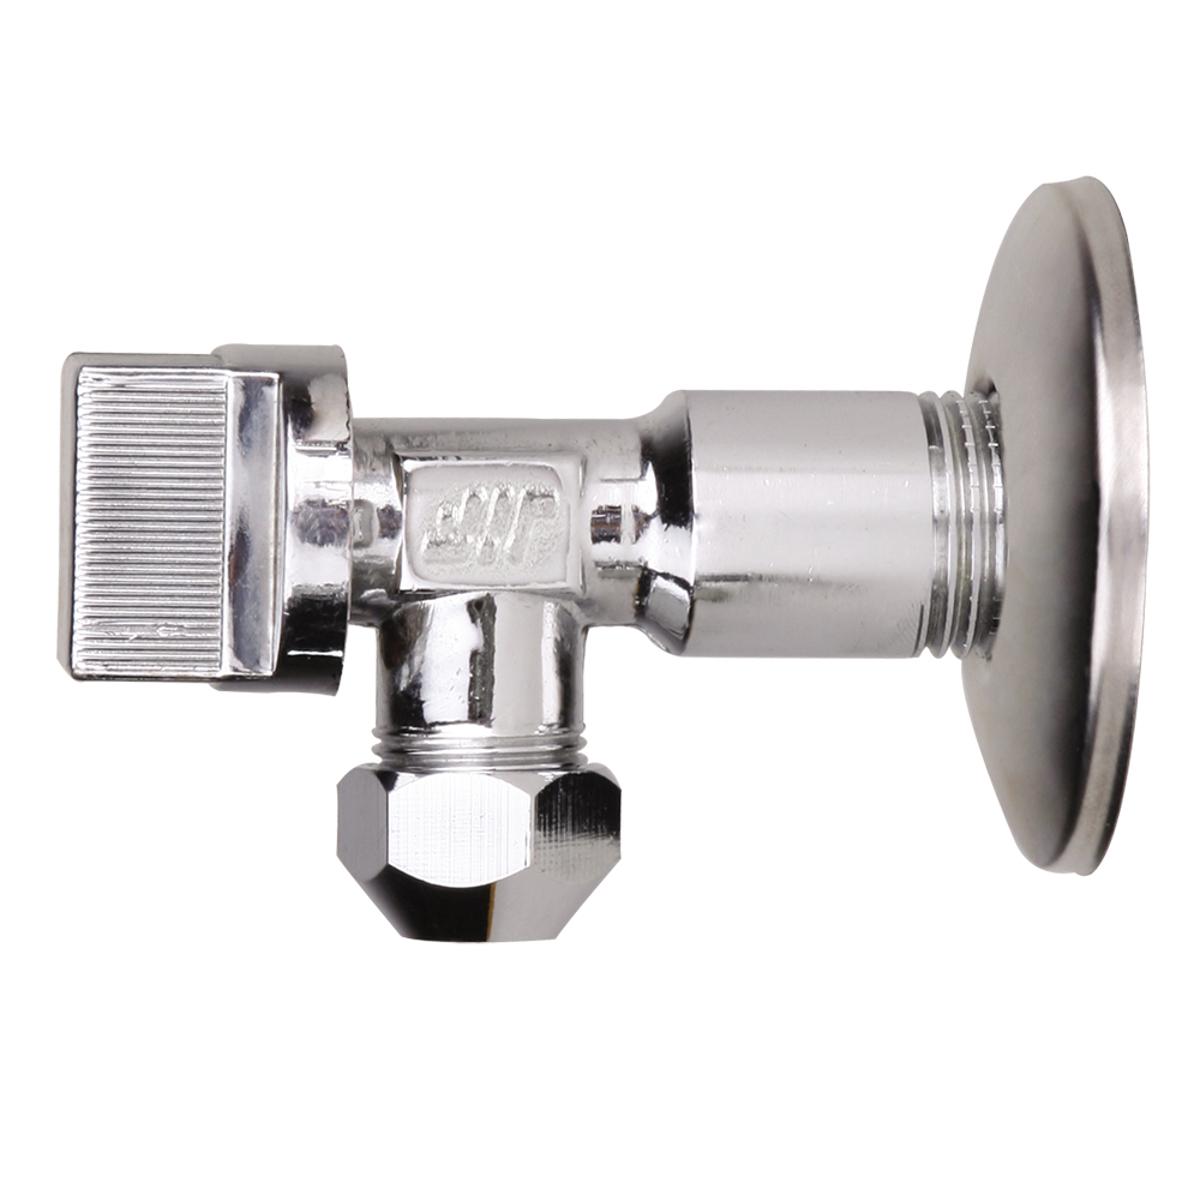 Кран шаровый усилинный угловой, для подключения стационарных приборов с отражателем 1/2х3/8 с цангой M10 хром, JIF 265BL505Кран шаровый усилинный угловой, для подключения стационарных приборов с отражателем 1/2х3/8 с цангой M10 (тип L86) хром, JIF 265 предназначен для подключения к водопроводной сети санитарных приборов (смывных бачков, и пр.).